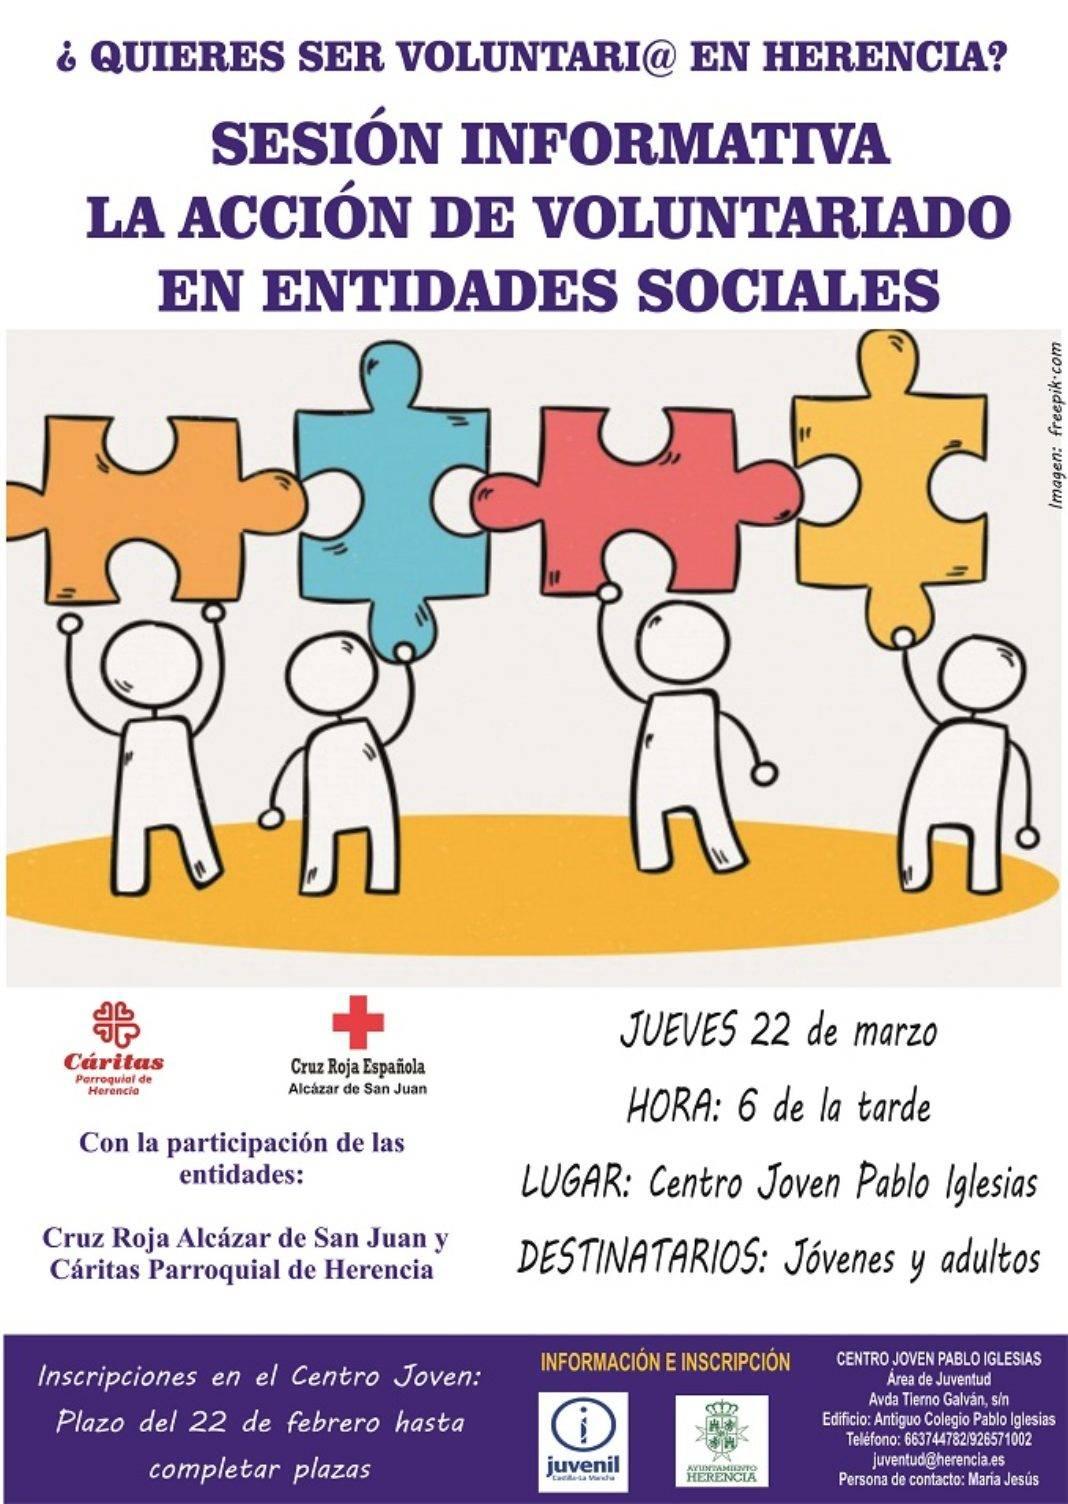 Sesión informativa voluntariado 1068x1504 - Sesión informativa sobre la acción de voluntariado en entidades sociales